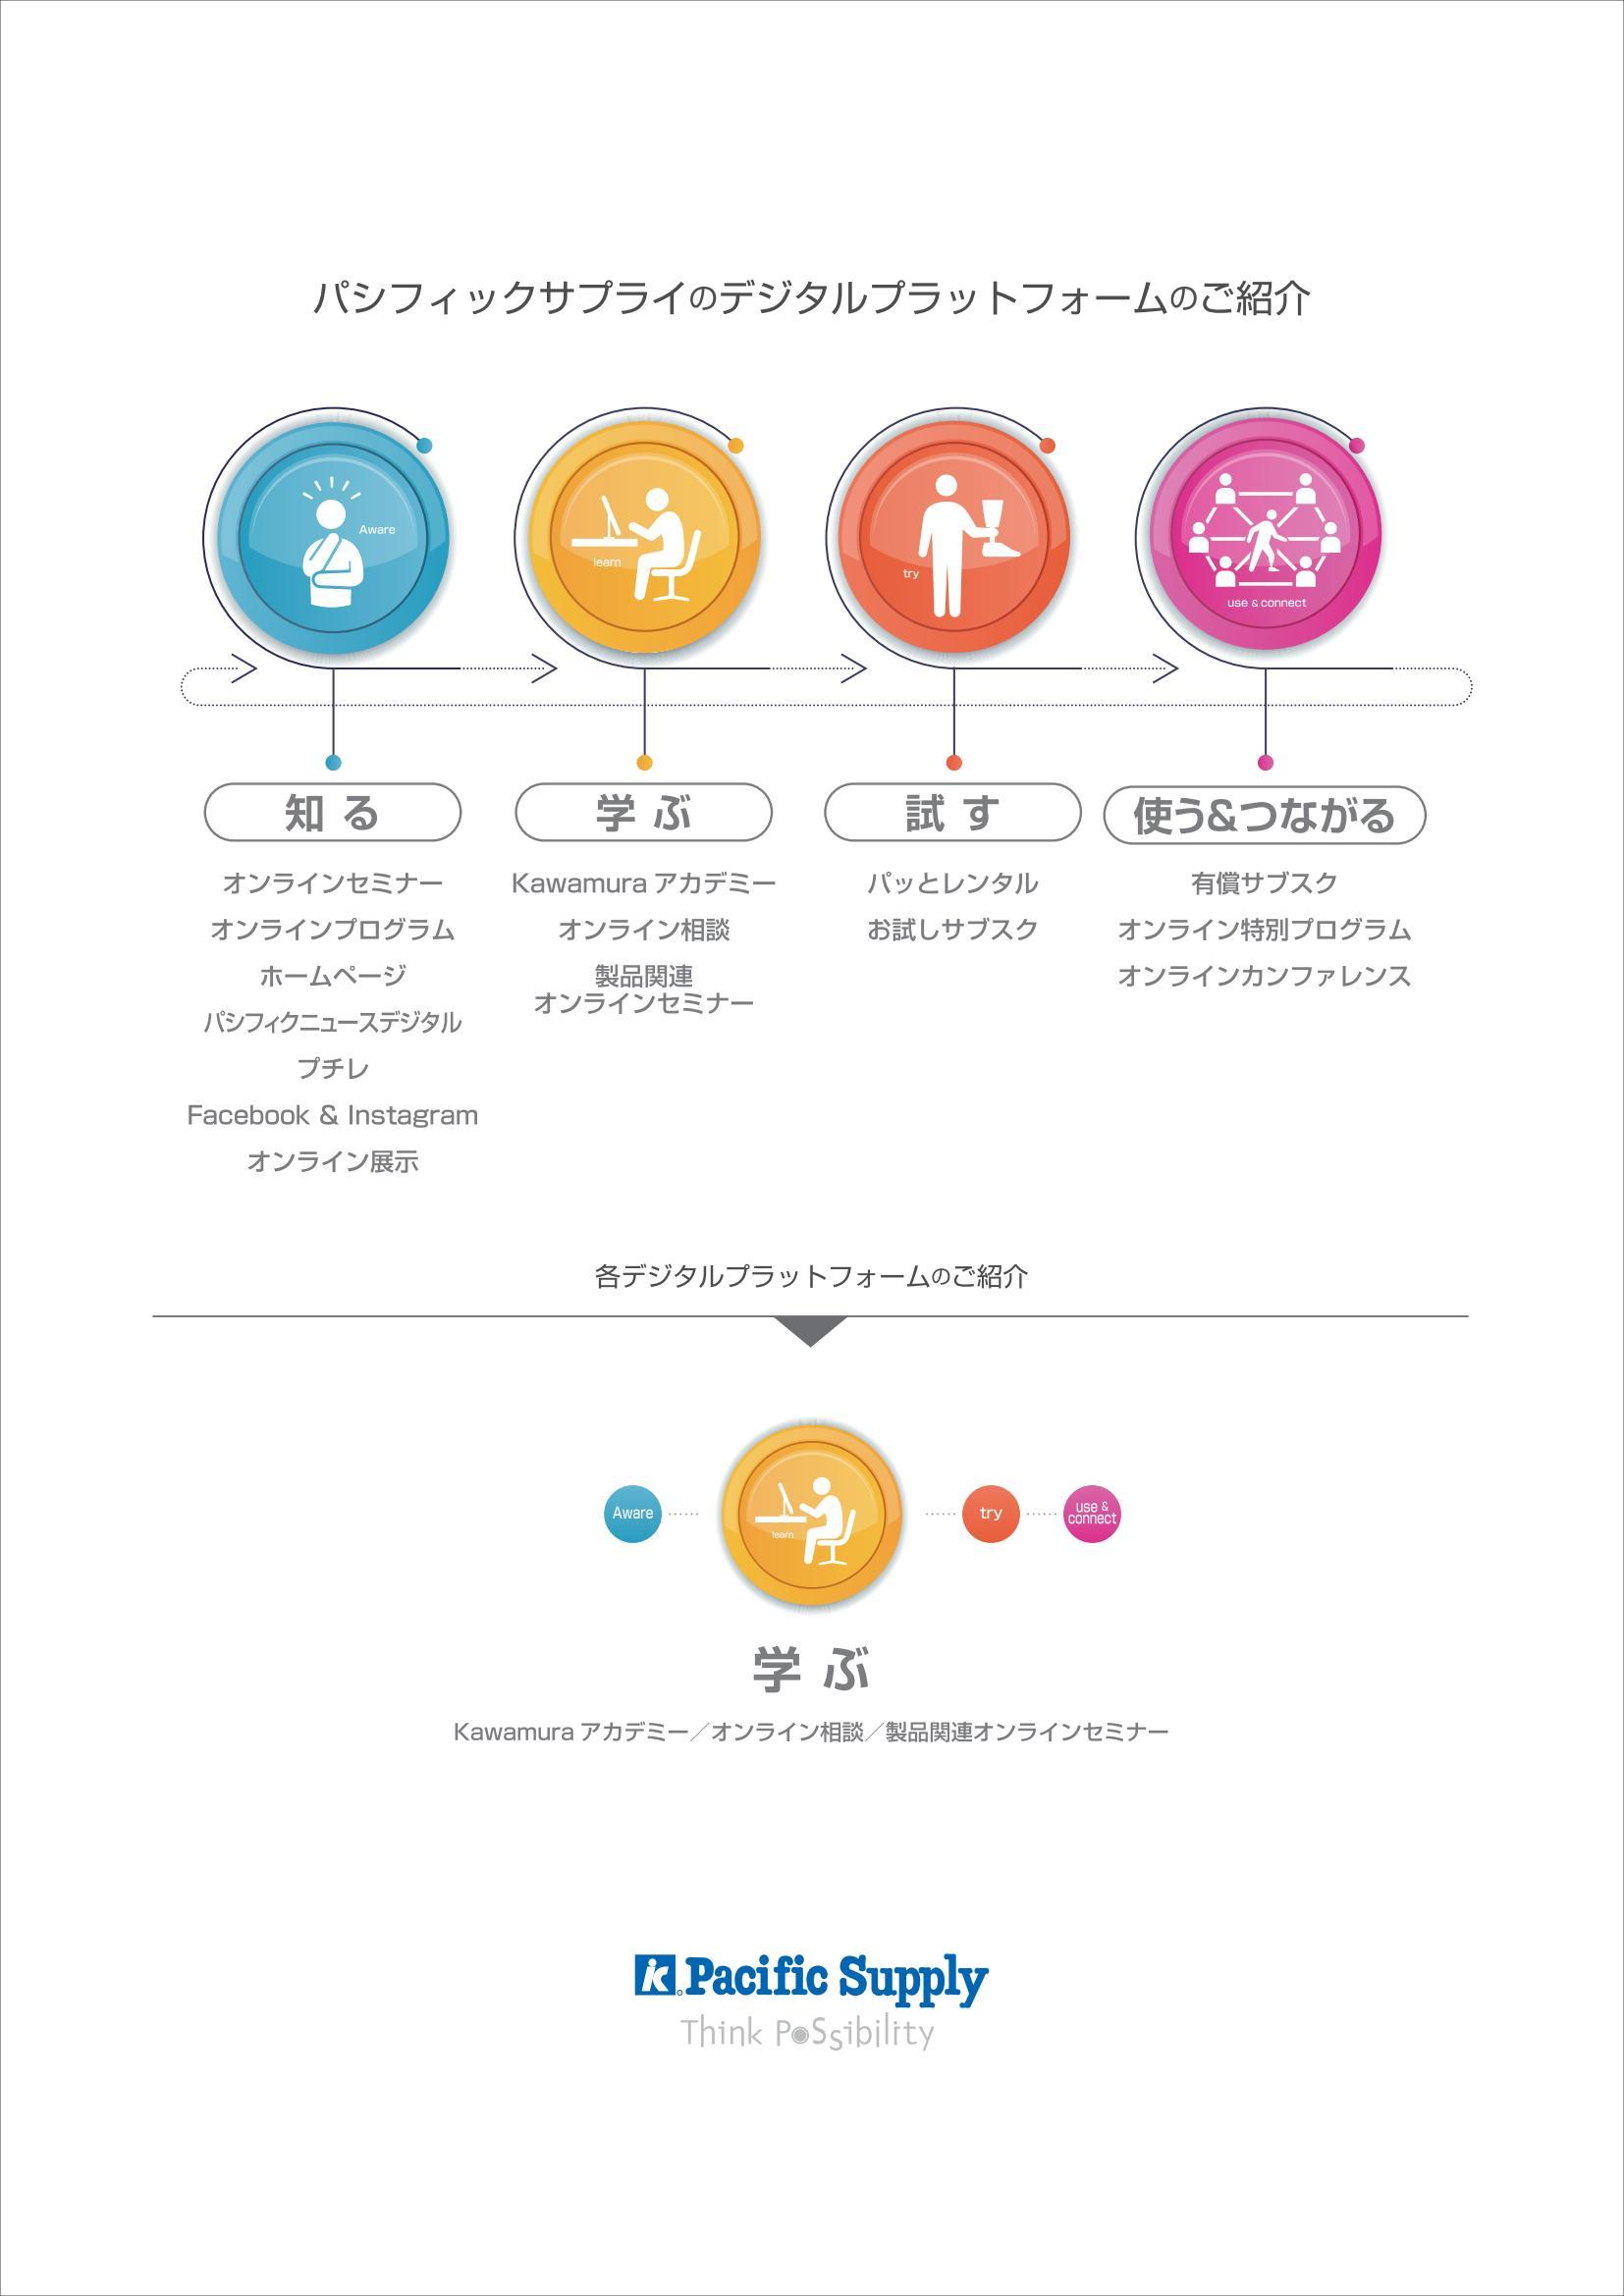 「学ぶ」 Kawamuraアカデミー、オンラインセミナーで「学ぶ」をサポートいたします。